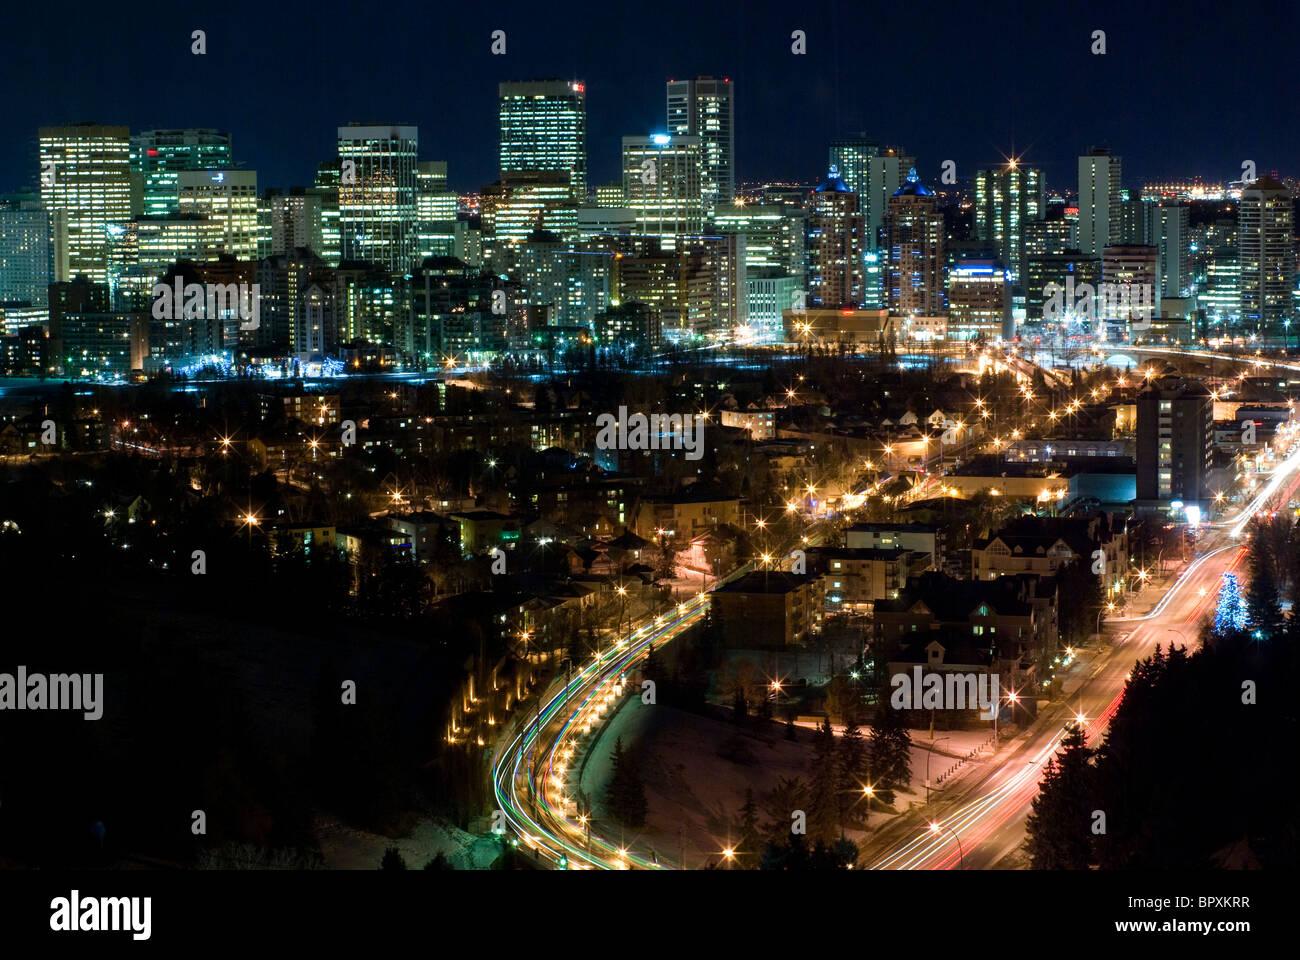 Calgary, Alberta, Kanada Skyline bei Nacht mit einer Schleife Straße mit Kopf und Schweif Lichter im Vordergrund. Stockbild